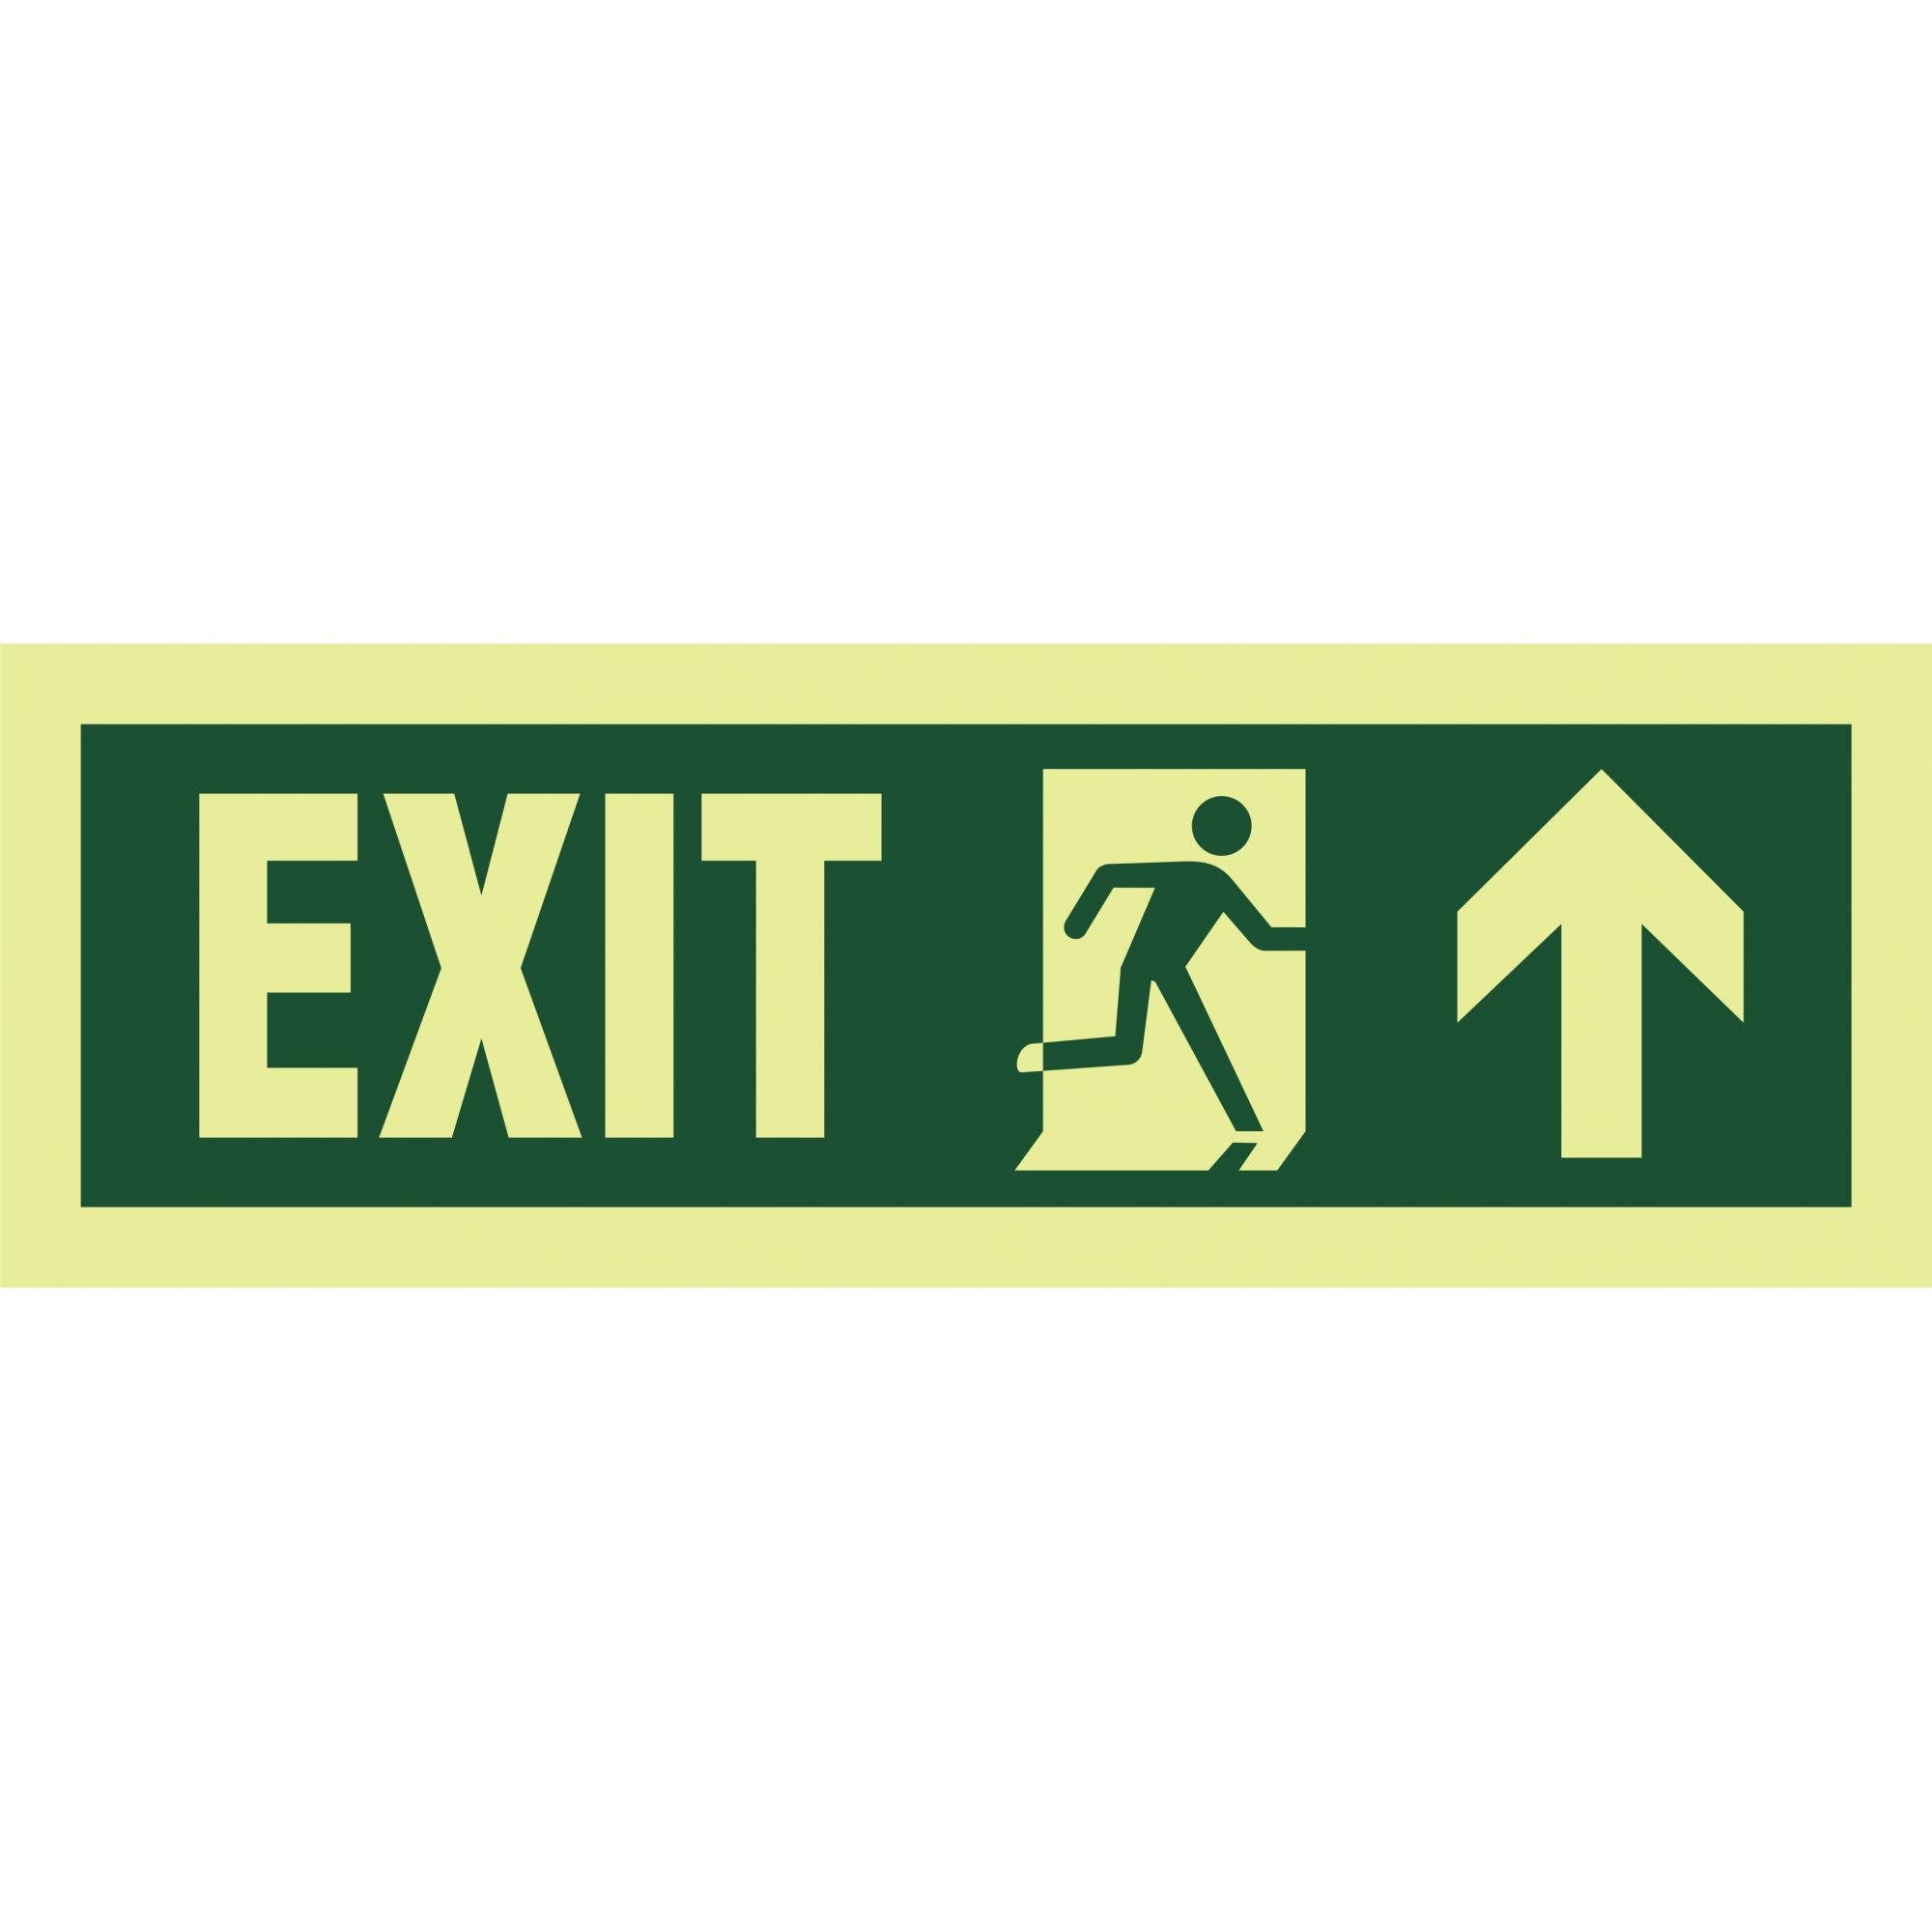 Exit Left-man Run Right-arrow Up  - Towbar Sinalização de Segurança